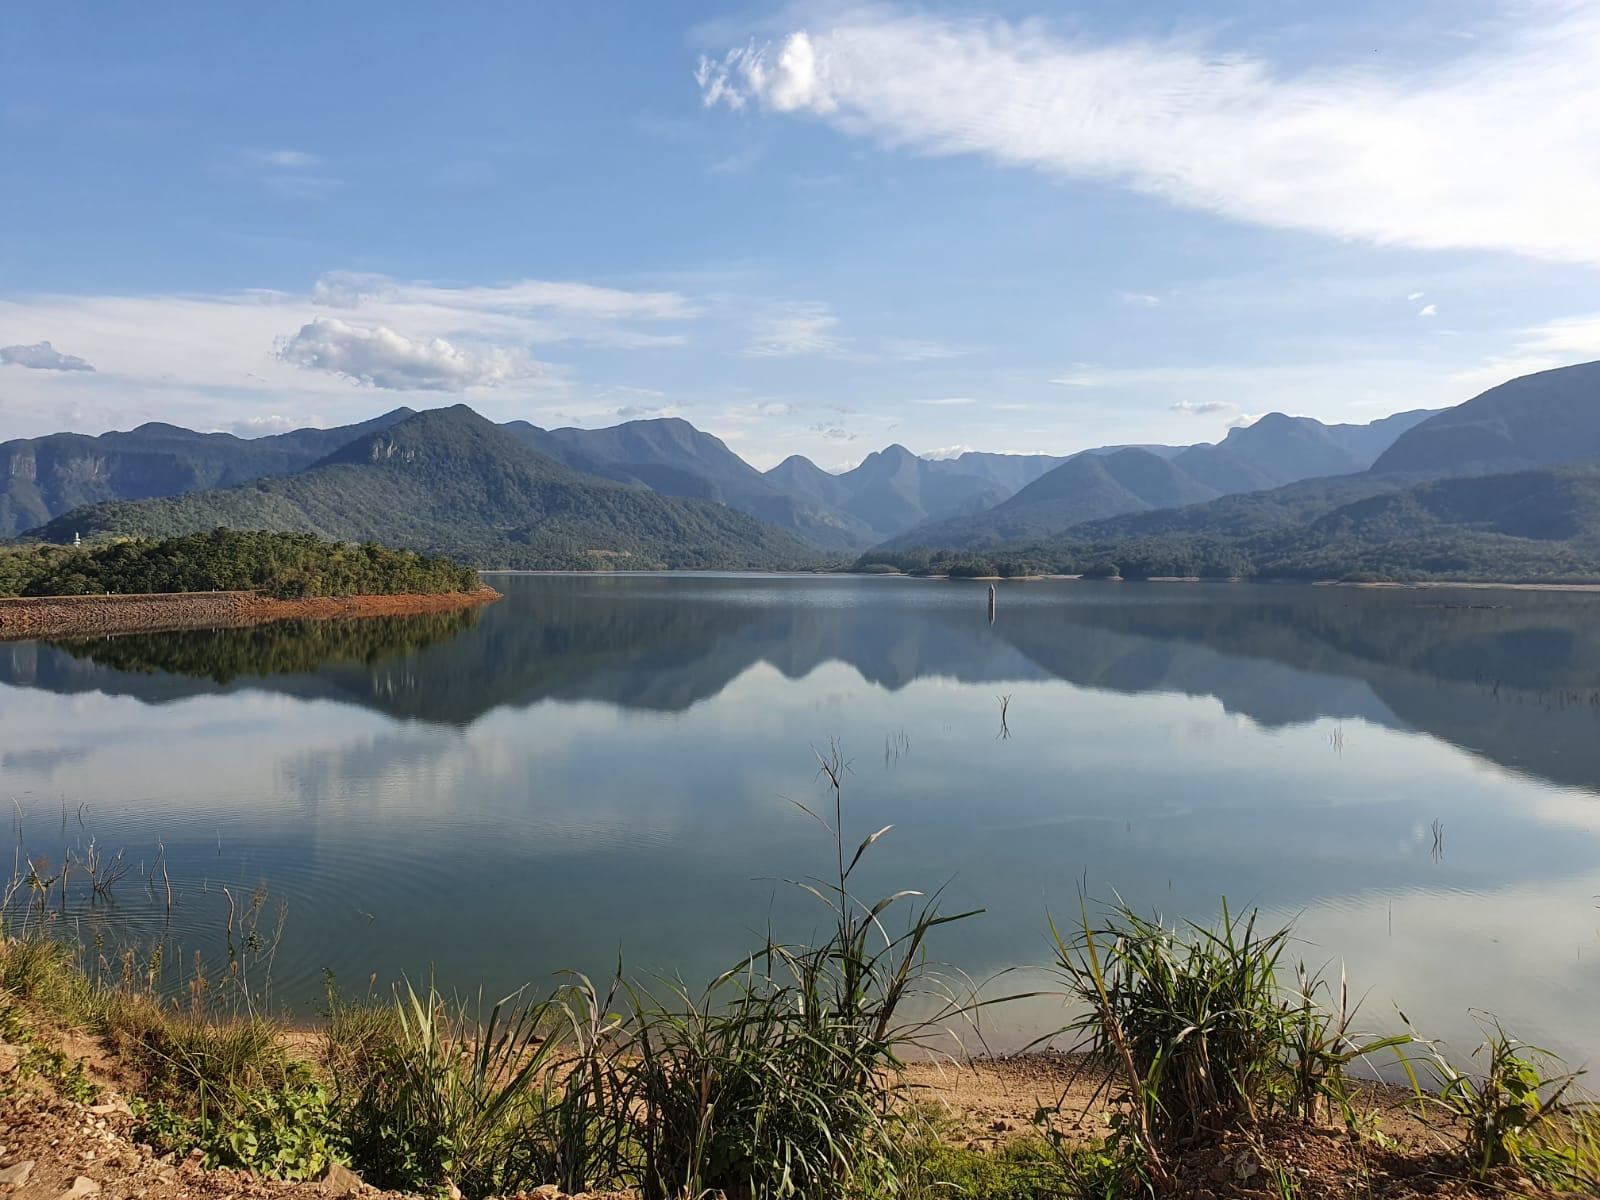 RESUMO DO PORTAL: O ESSENCIAL PRA VOCÊ – Água consumo no Sul; Vale-gás aprovado; STF derruba emendas impositivas